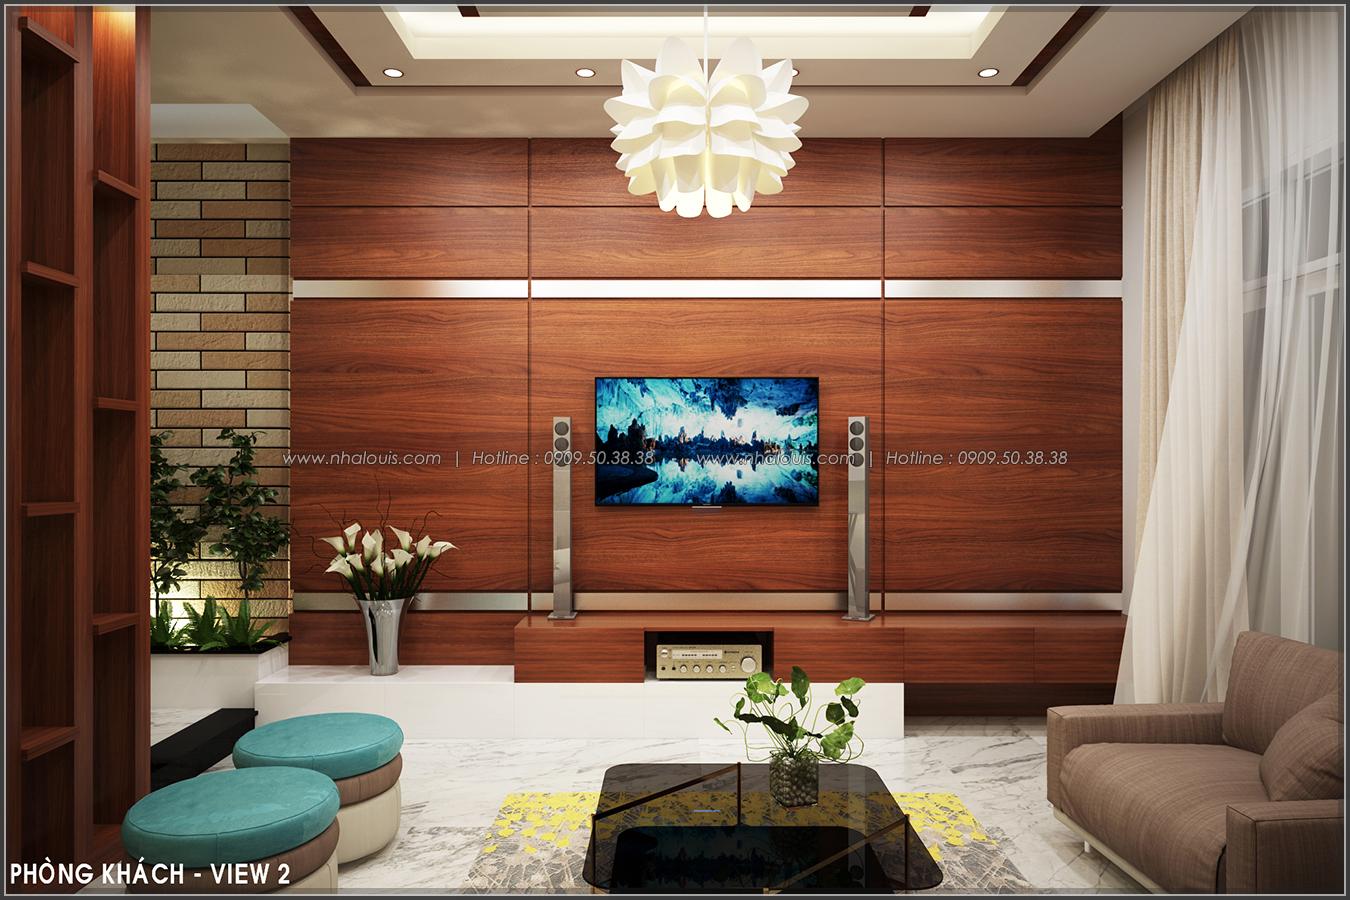 Thiết kế nội thất nhà ống đẹp tone gỗ ấm áp và sang trọng quận Tân Bình - 5